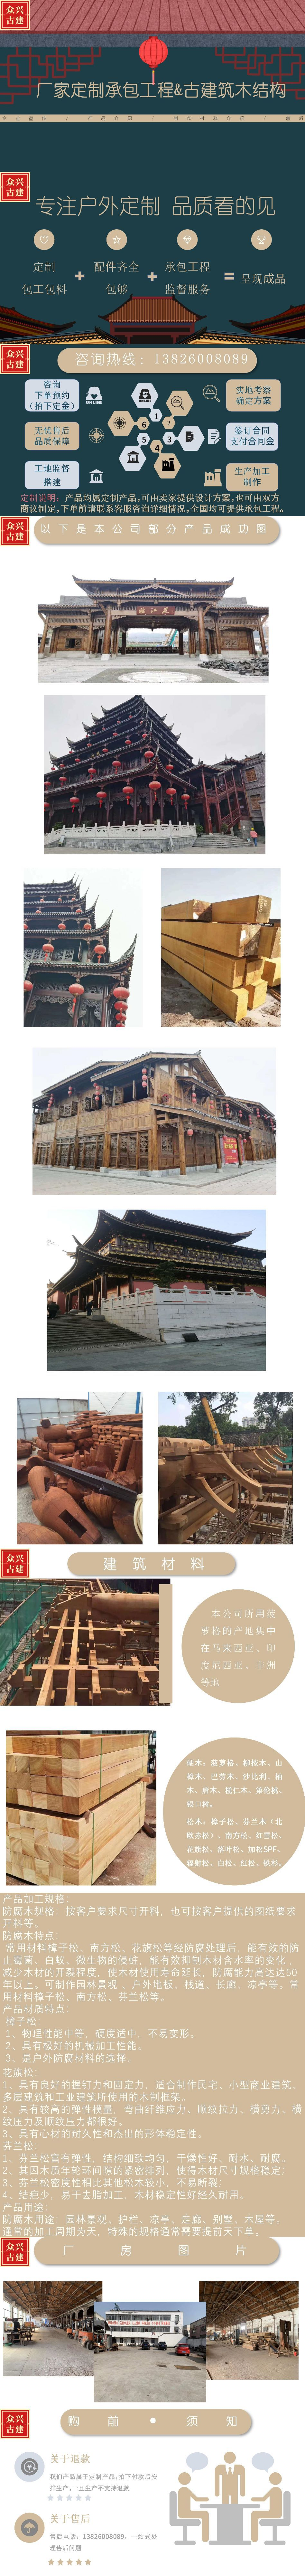 古建筑工程项目01.jpg